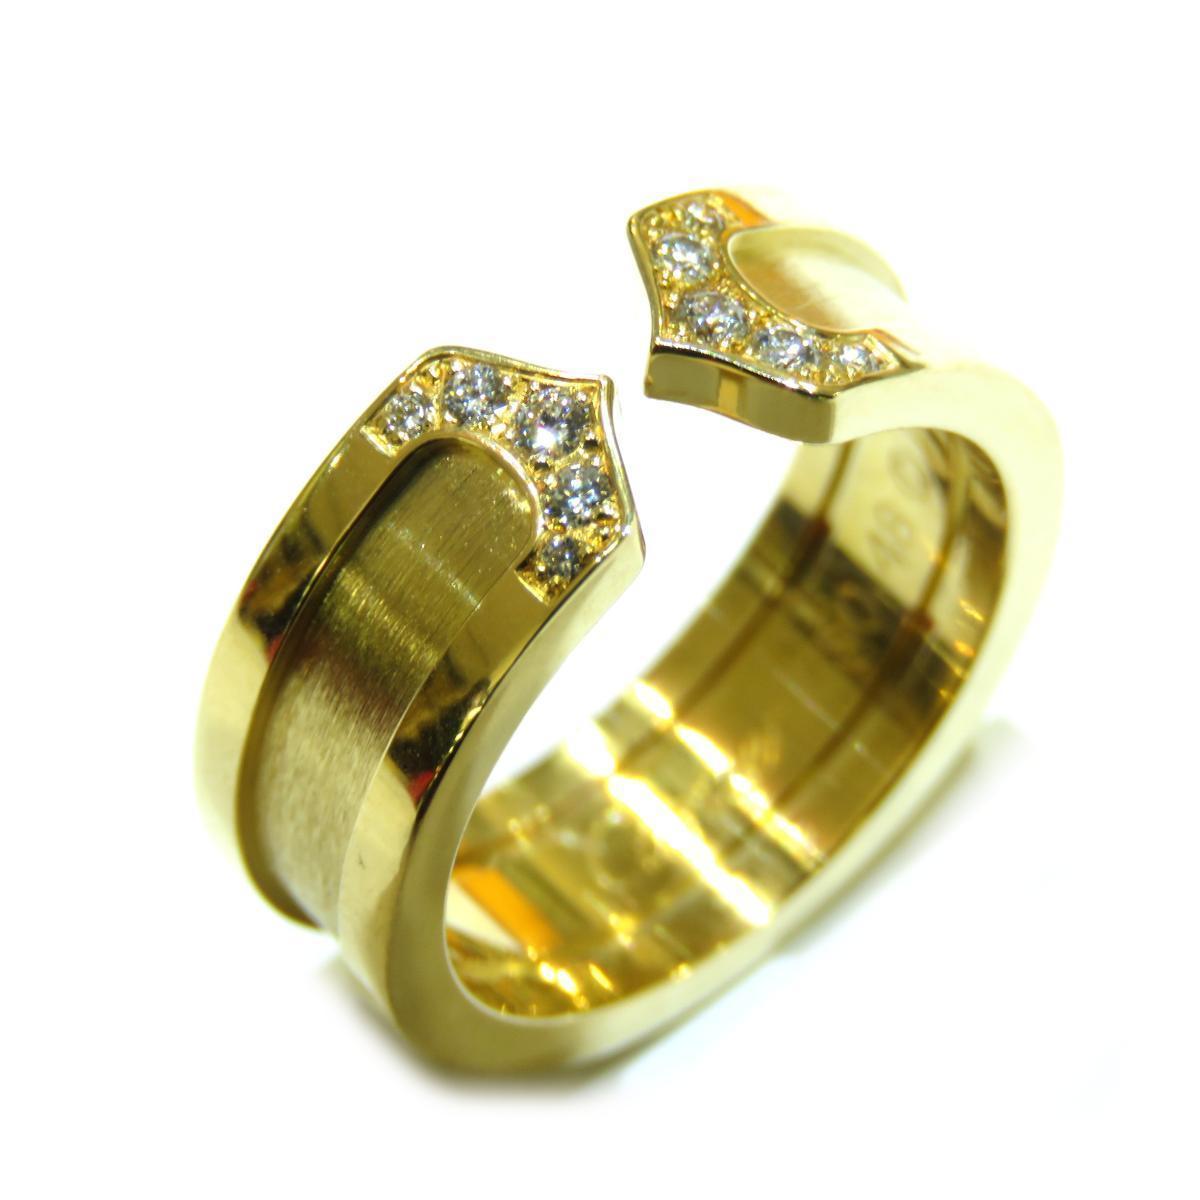 Cartier C2 diamond ring ladies K18YG (750) # 48 No. 8